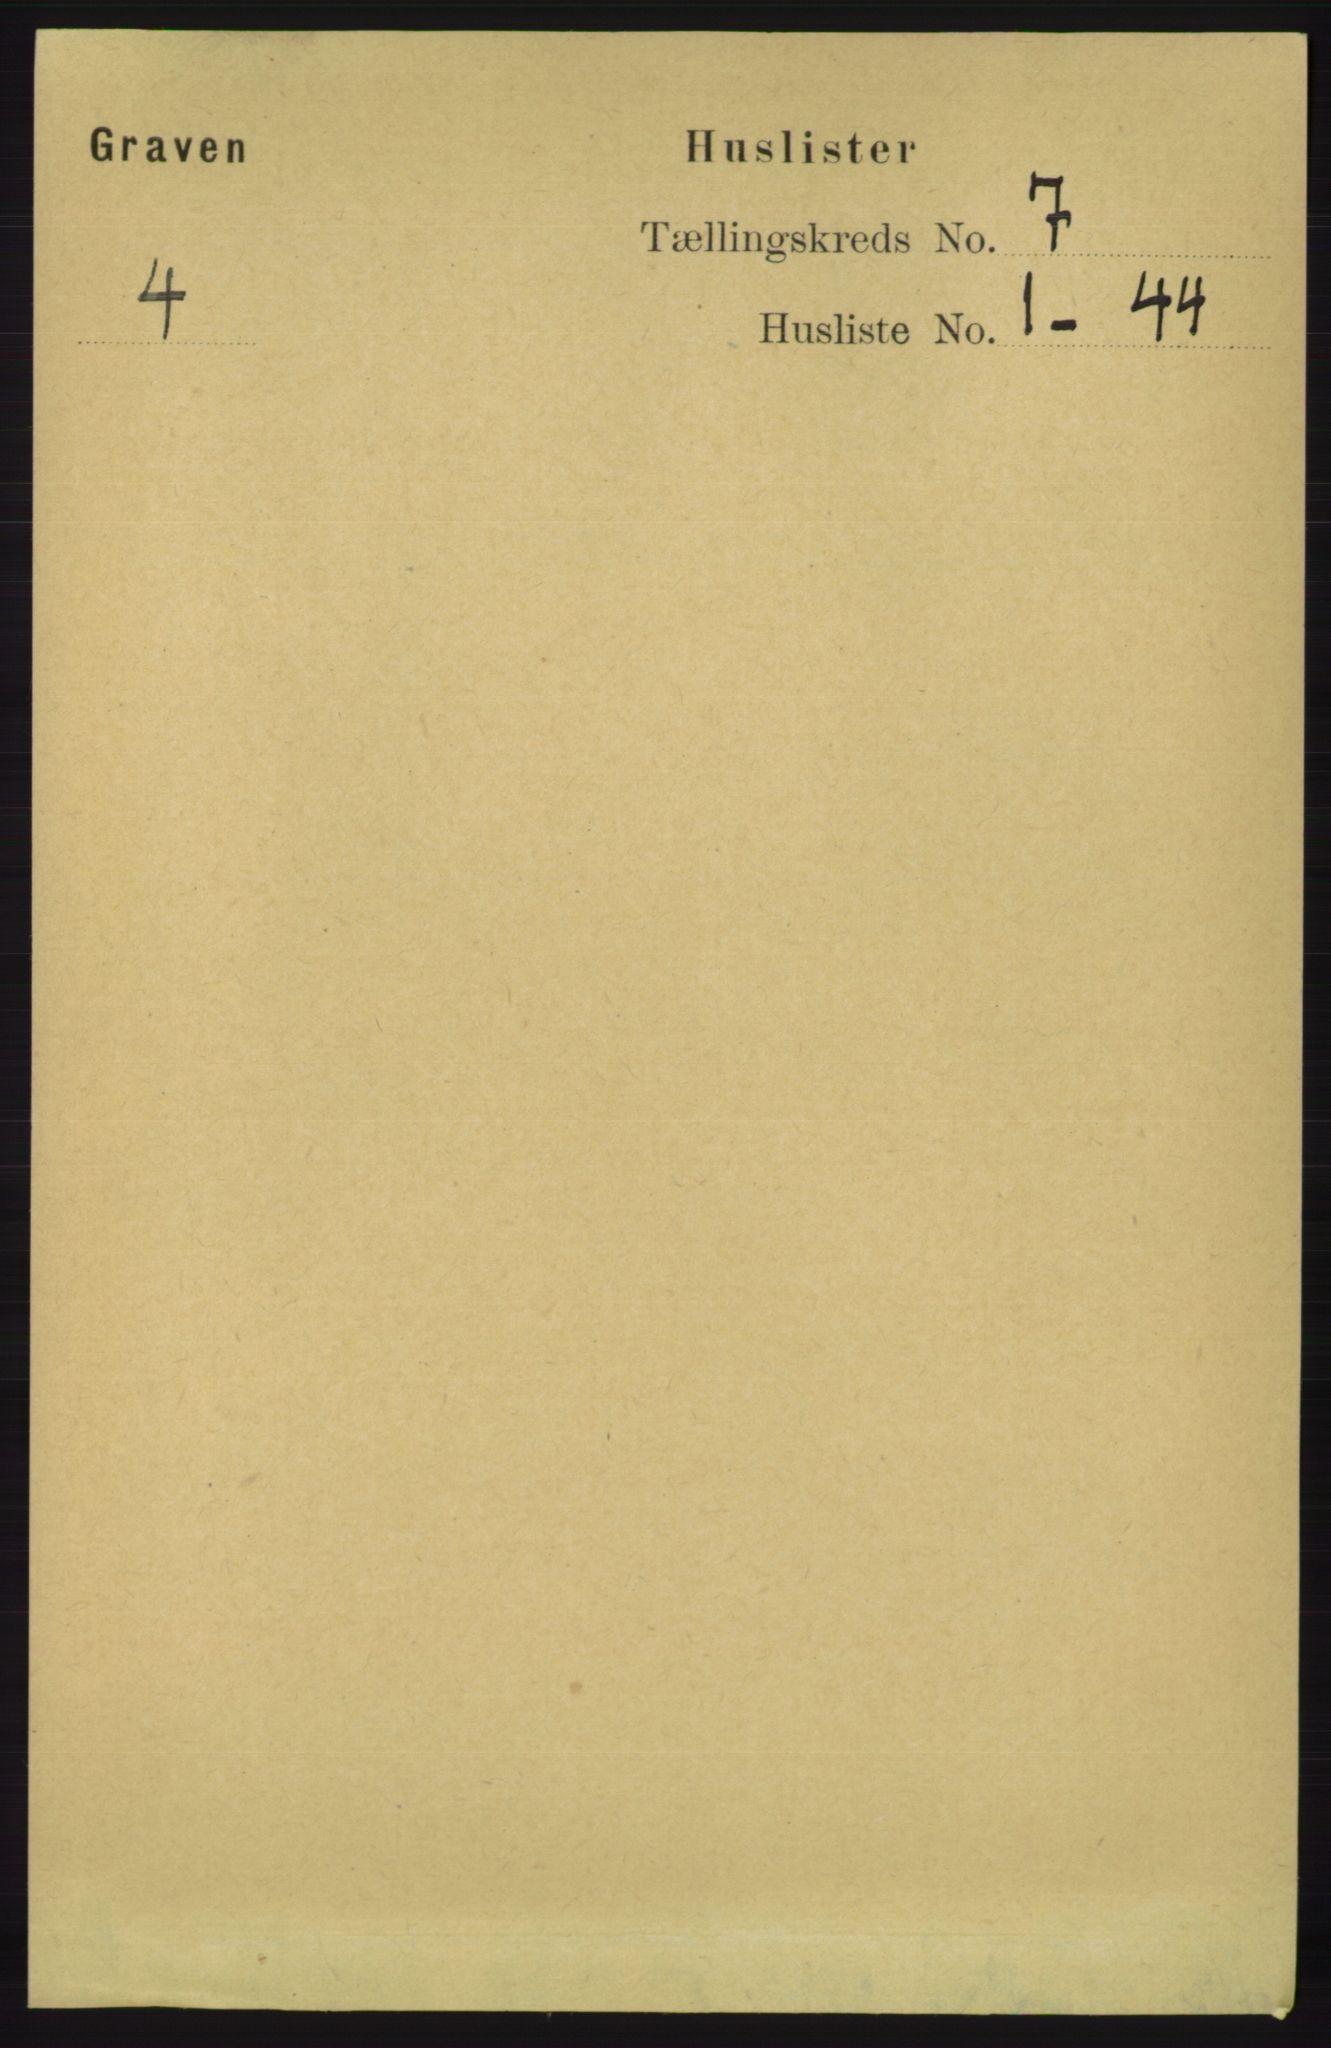 RA, Folketelling 1891 for 1233 Ulvik herred, 1891, s. 2224